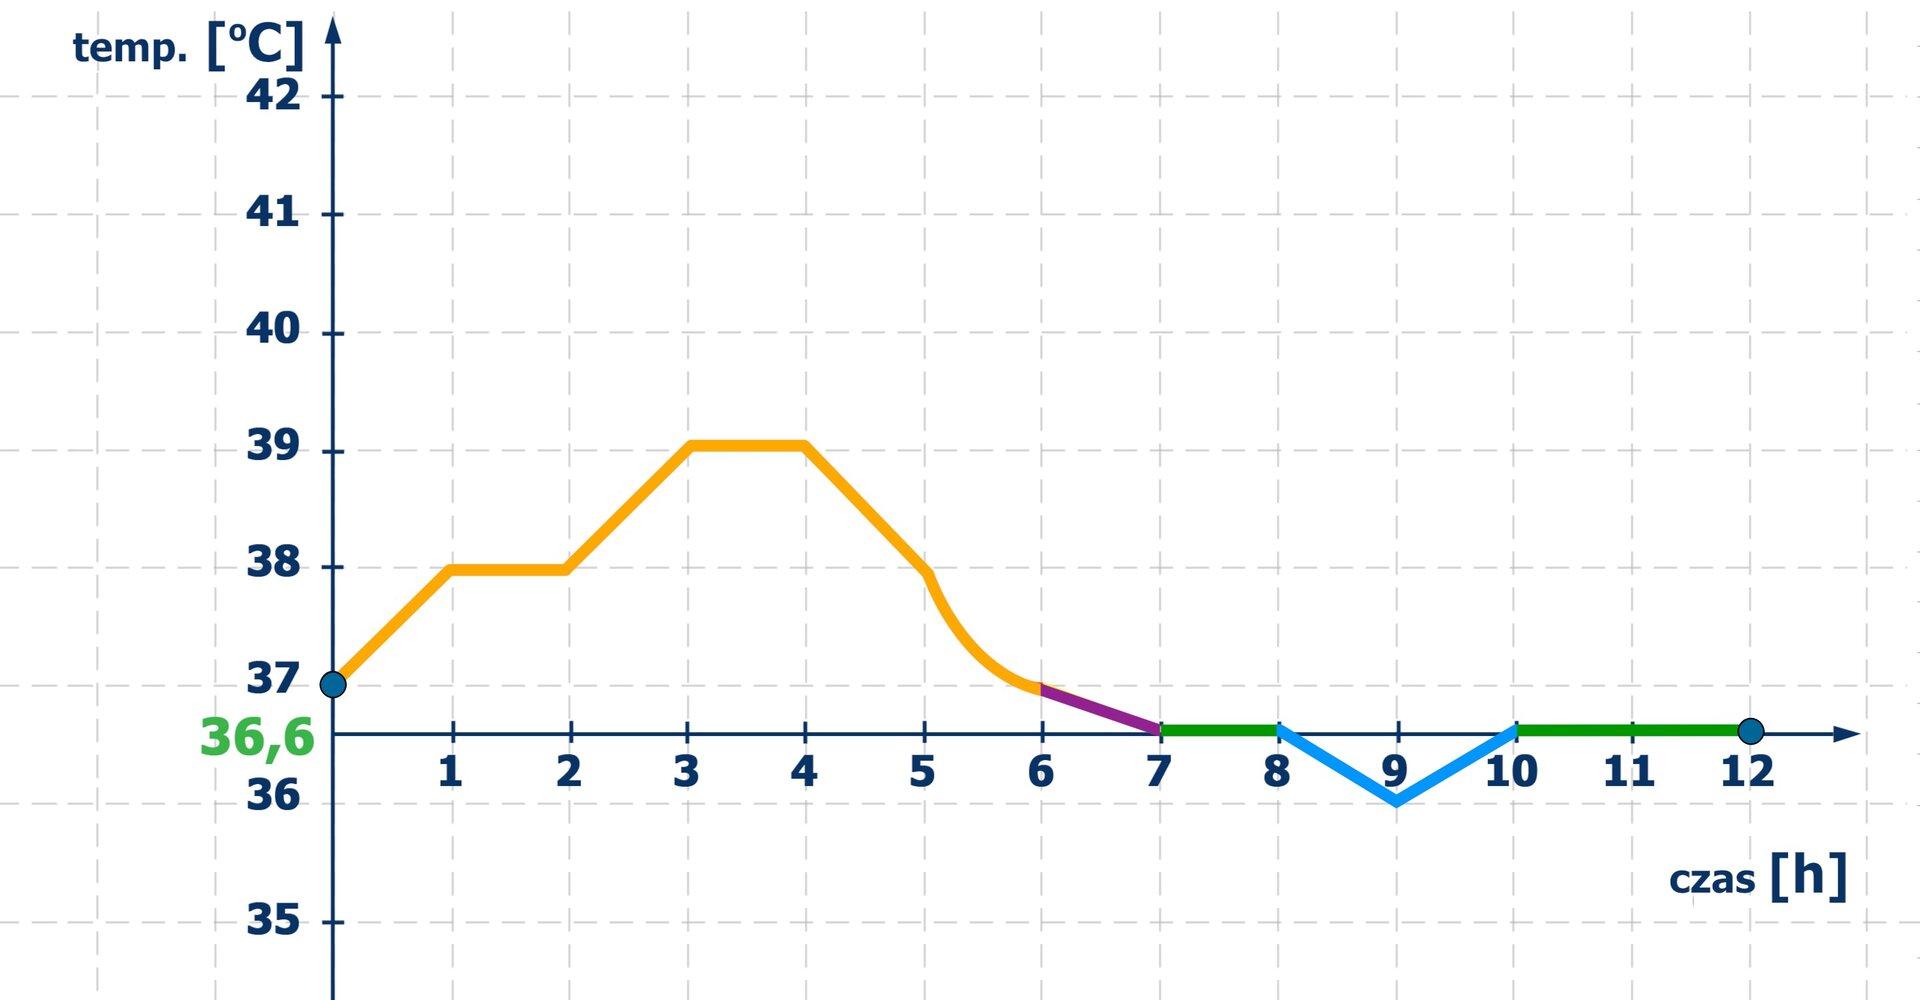 Wykres pokazuje, że temperatura ciała pacjenta zmieniała się od 37 stopni Celsjusza na początku pomiaru poprzez maksymalną temperaturę 39 stopni Celsjusza iminimalną 36 stopni Celsjusza, aby na koniec pomiaru osiągnąć 36 isześć dziesiątych stopni Celsjusza.